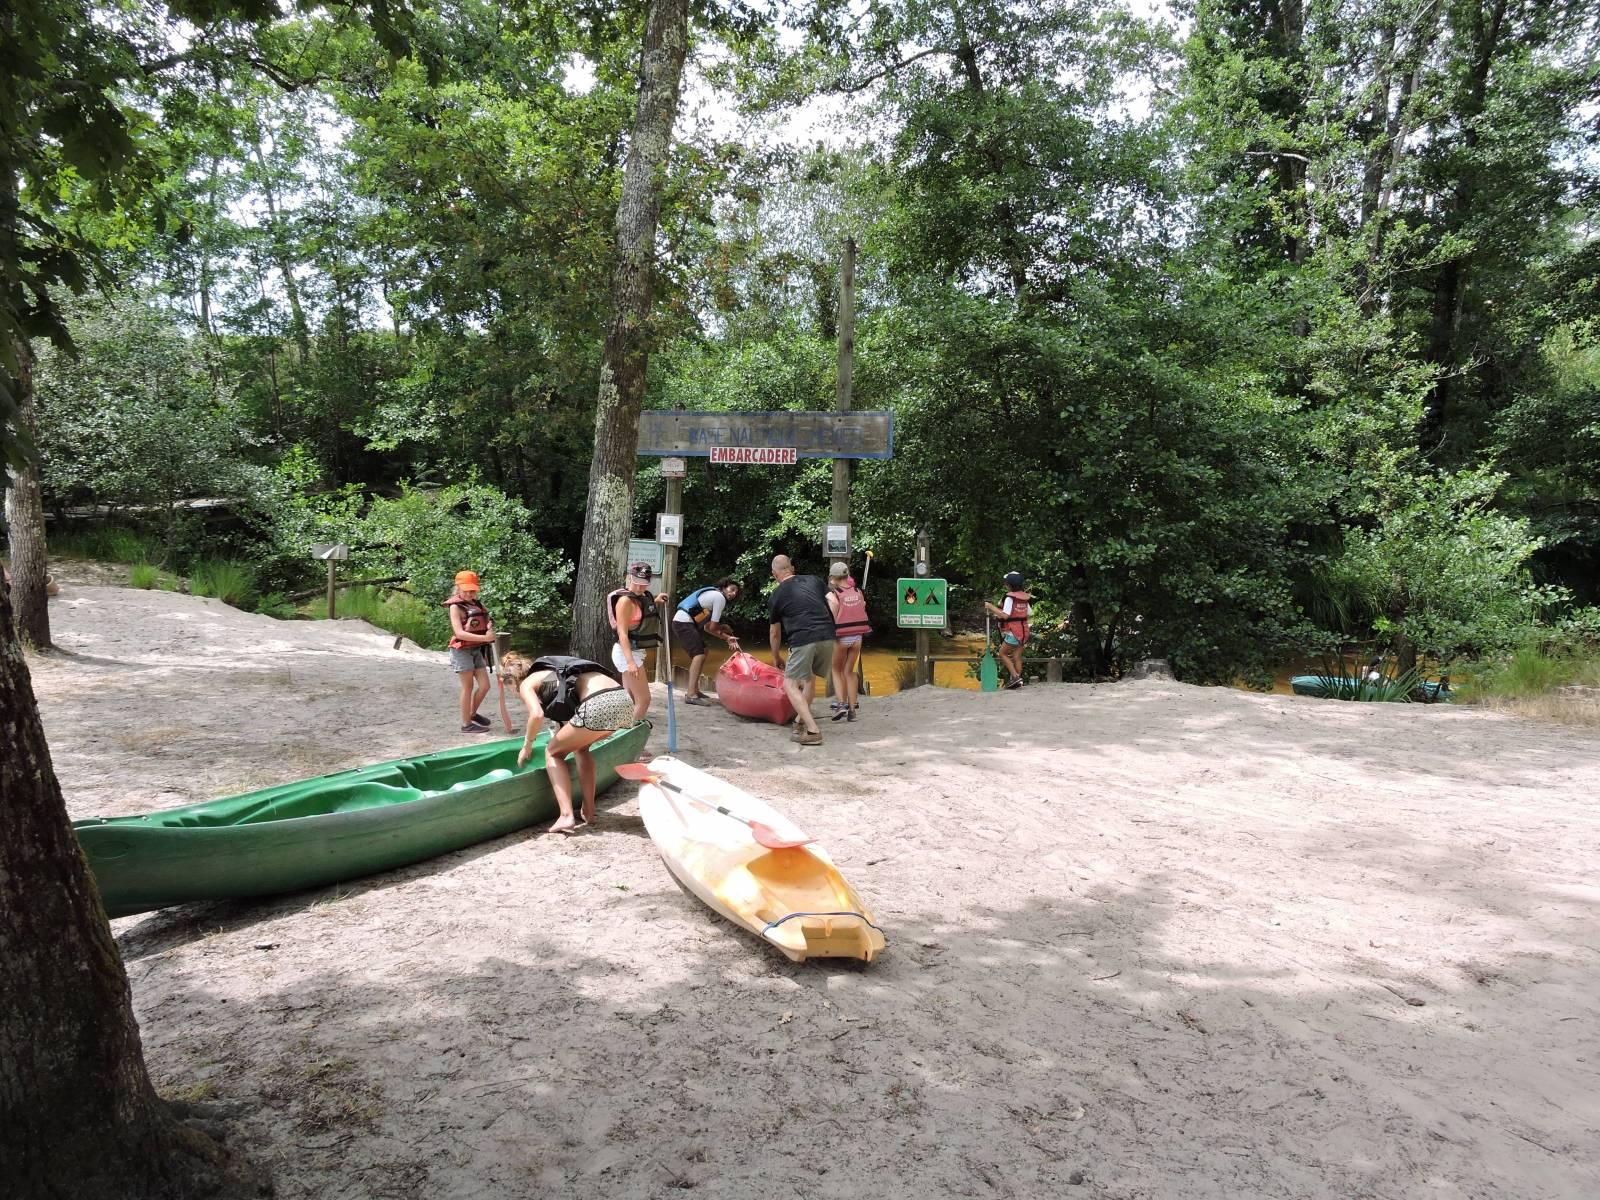 id e d 39 activit pour enterrement de vie de gar on dans les landes descente en cano kayak. Black Bedroom Furniture Sets. Home Design Ideas